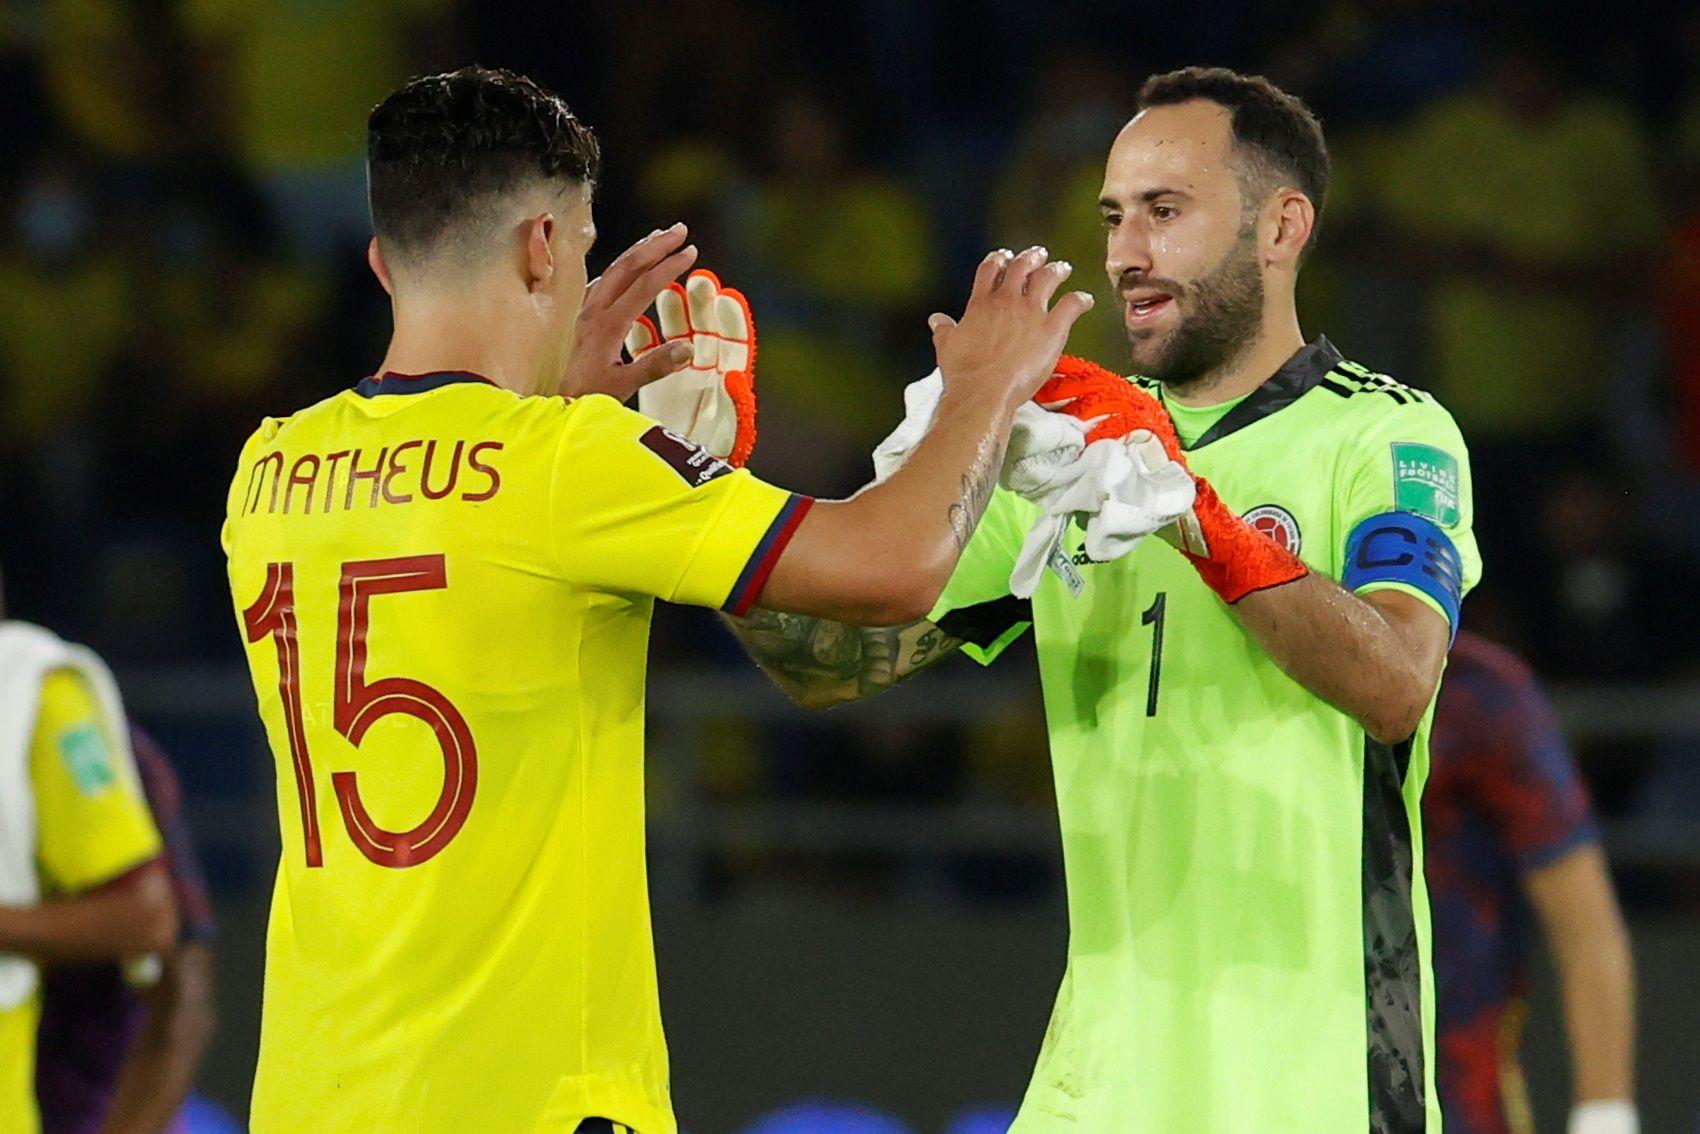 David Ospina (d) de Colombia saluda a Matheus Uribe, en un partido por las eliminatorias sudamericanas para el Mundial de Catar 2022, en una fotografía de archivo. EFE/Mauricio Dueñas Castañeda